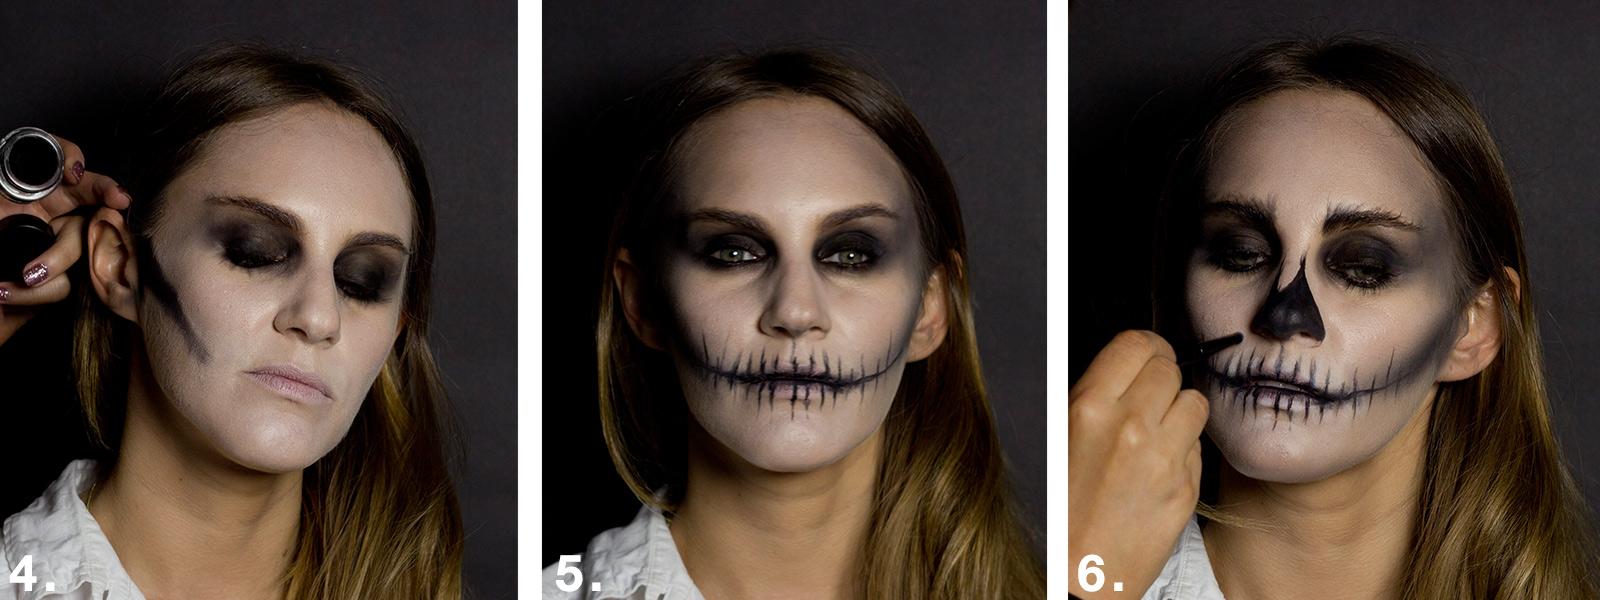 skull-step-4-5-6